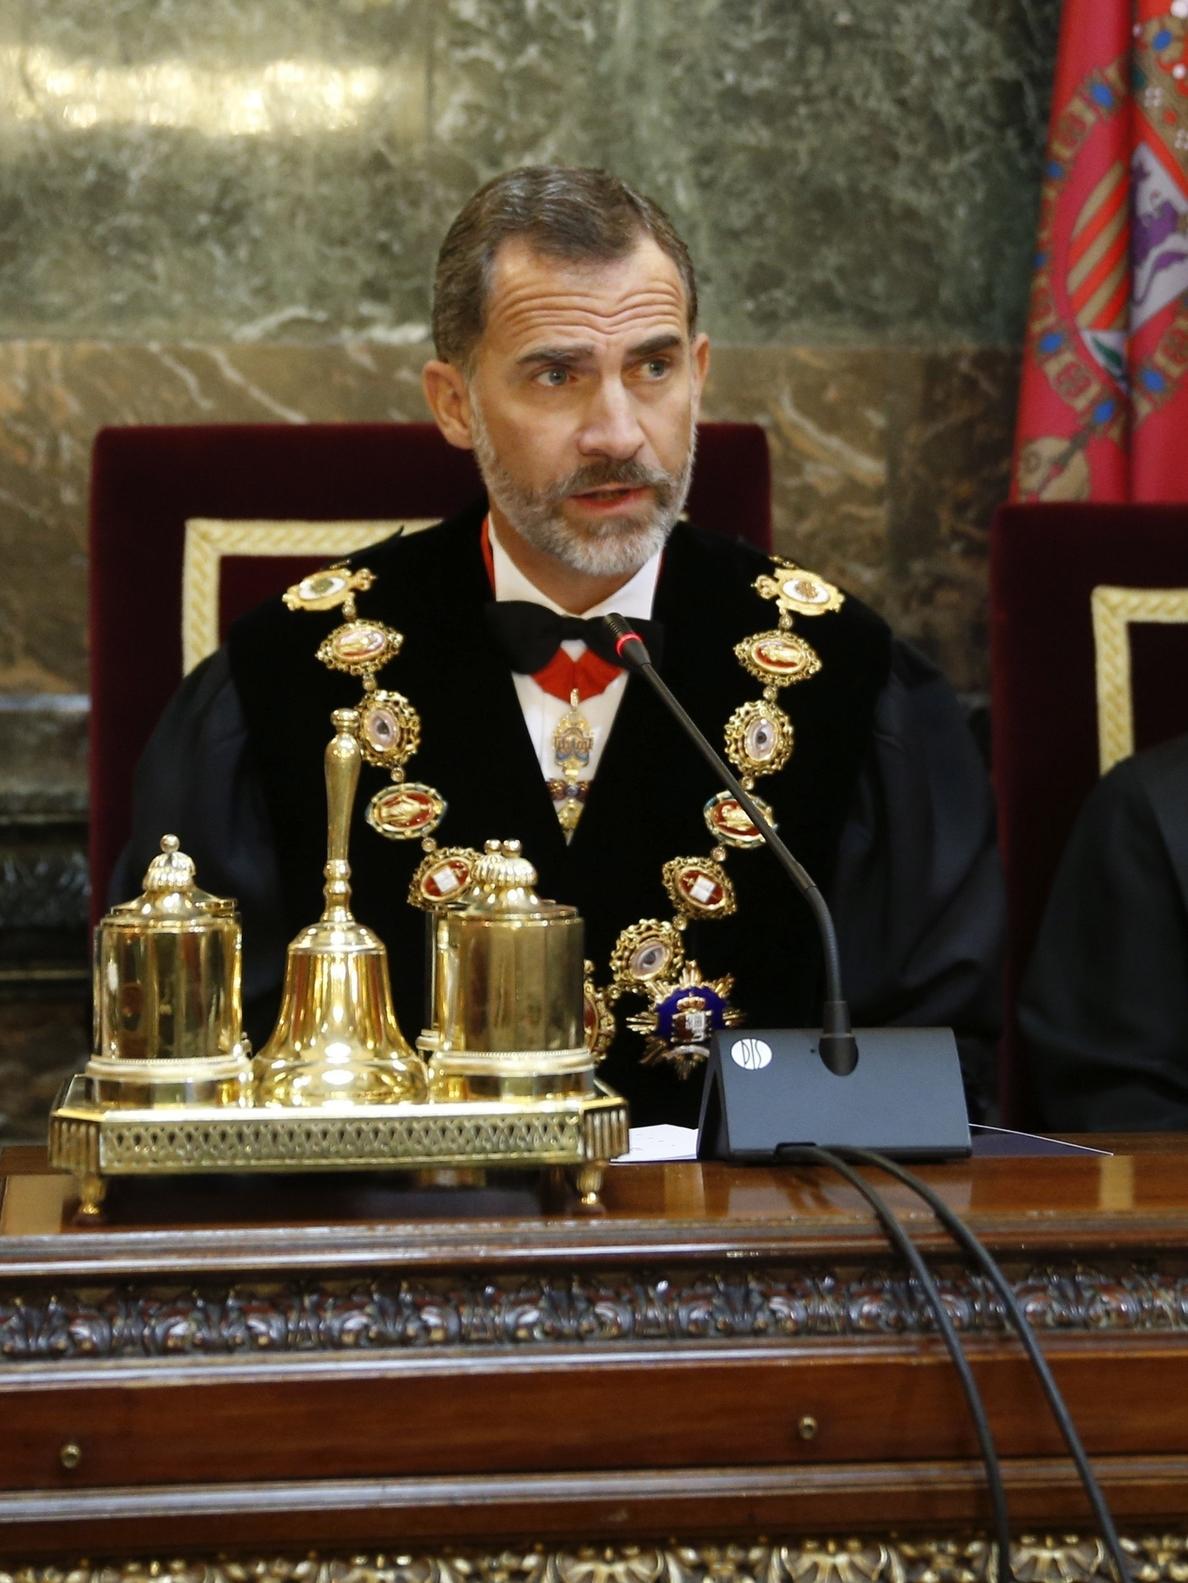 El Rey acudirá este martes a la misa funeral en memoria del duque de Medinaceli